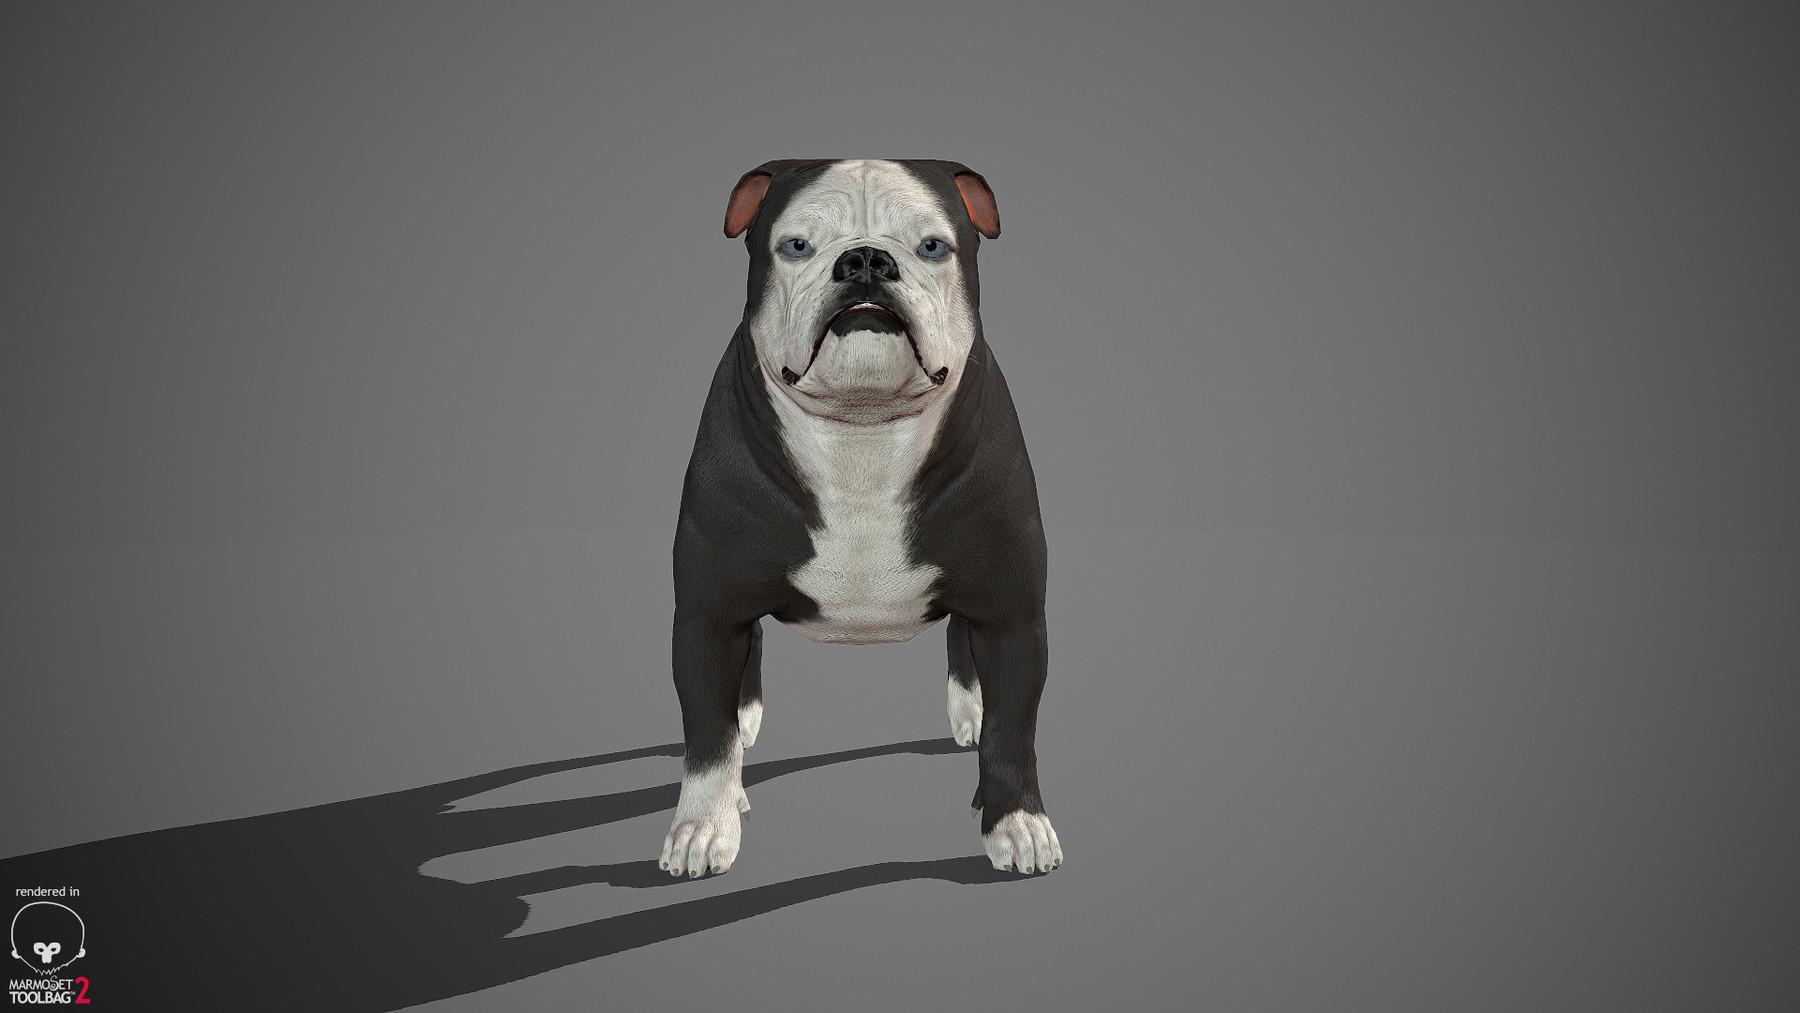 Englishbulldog by alexlashko marmoset 06